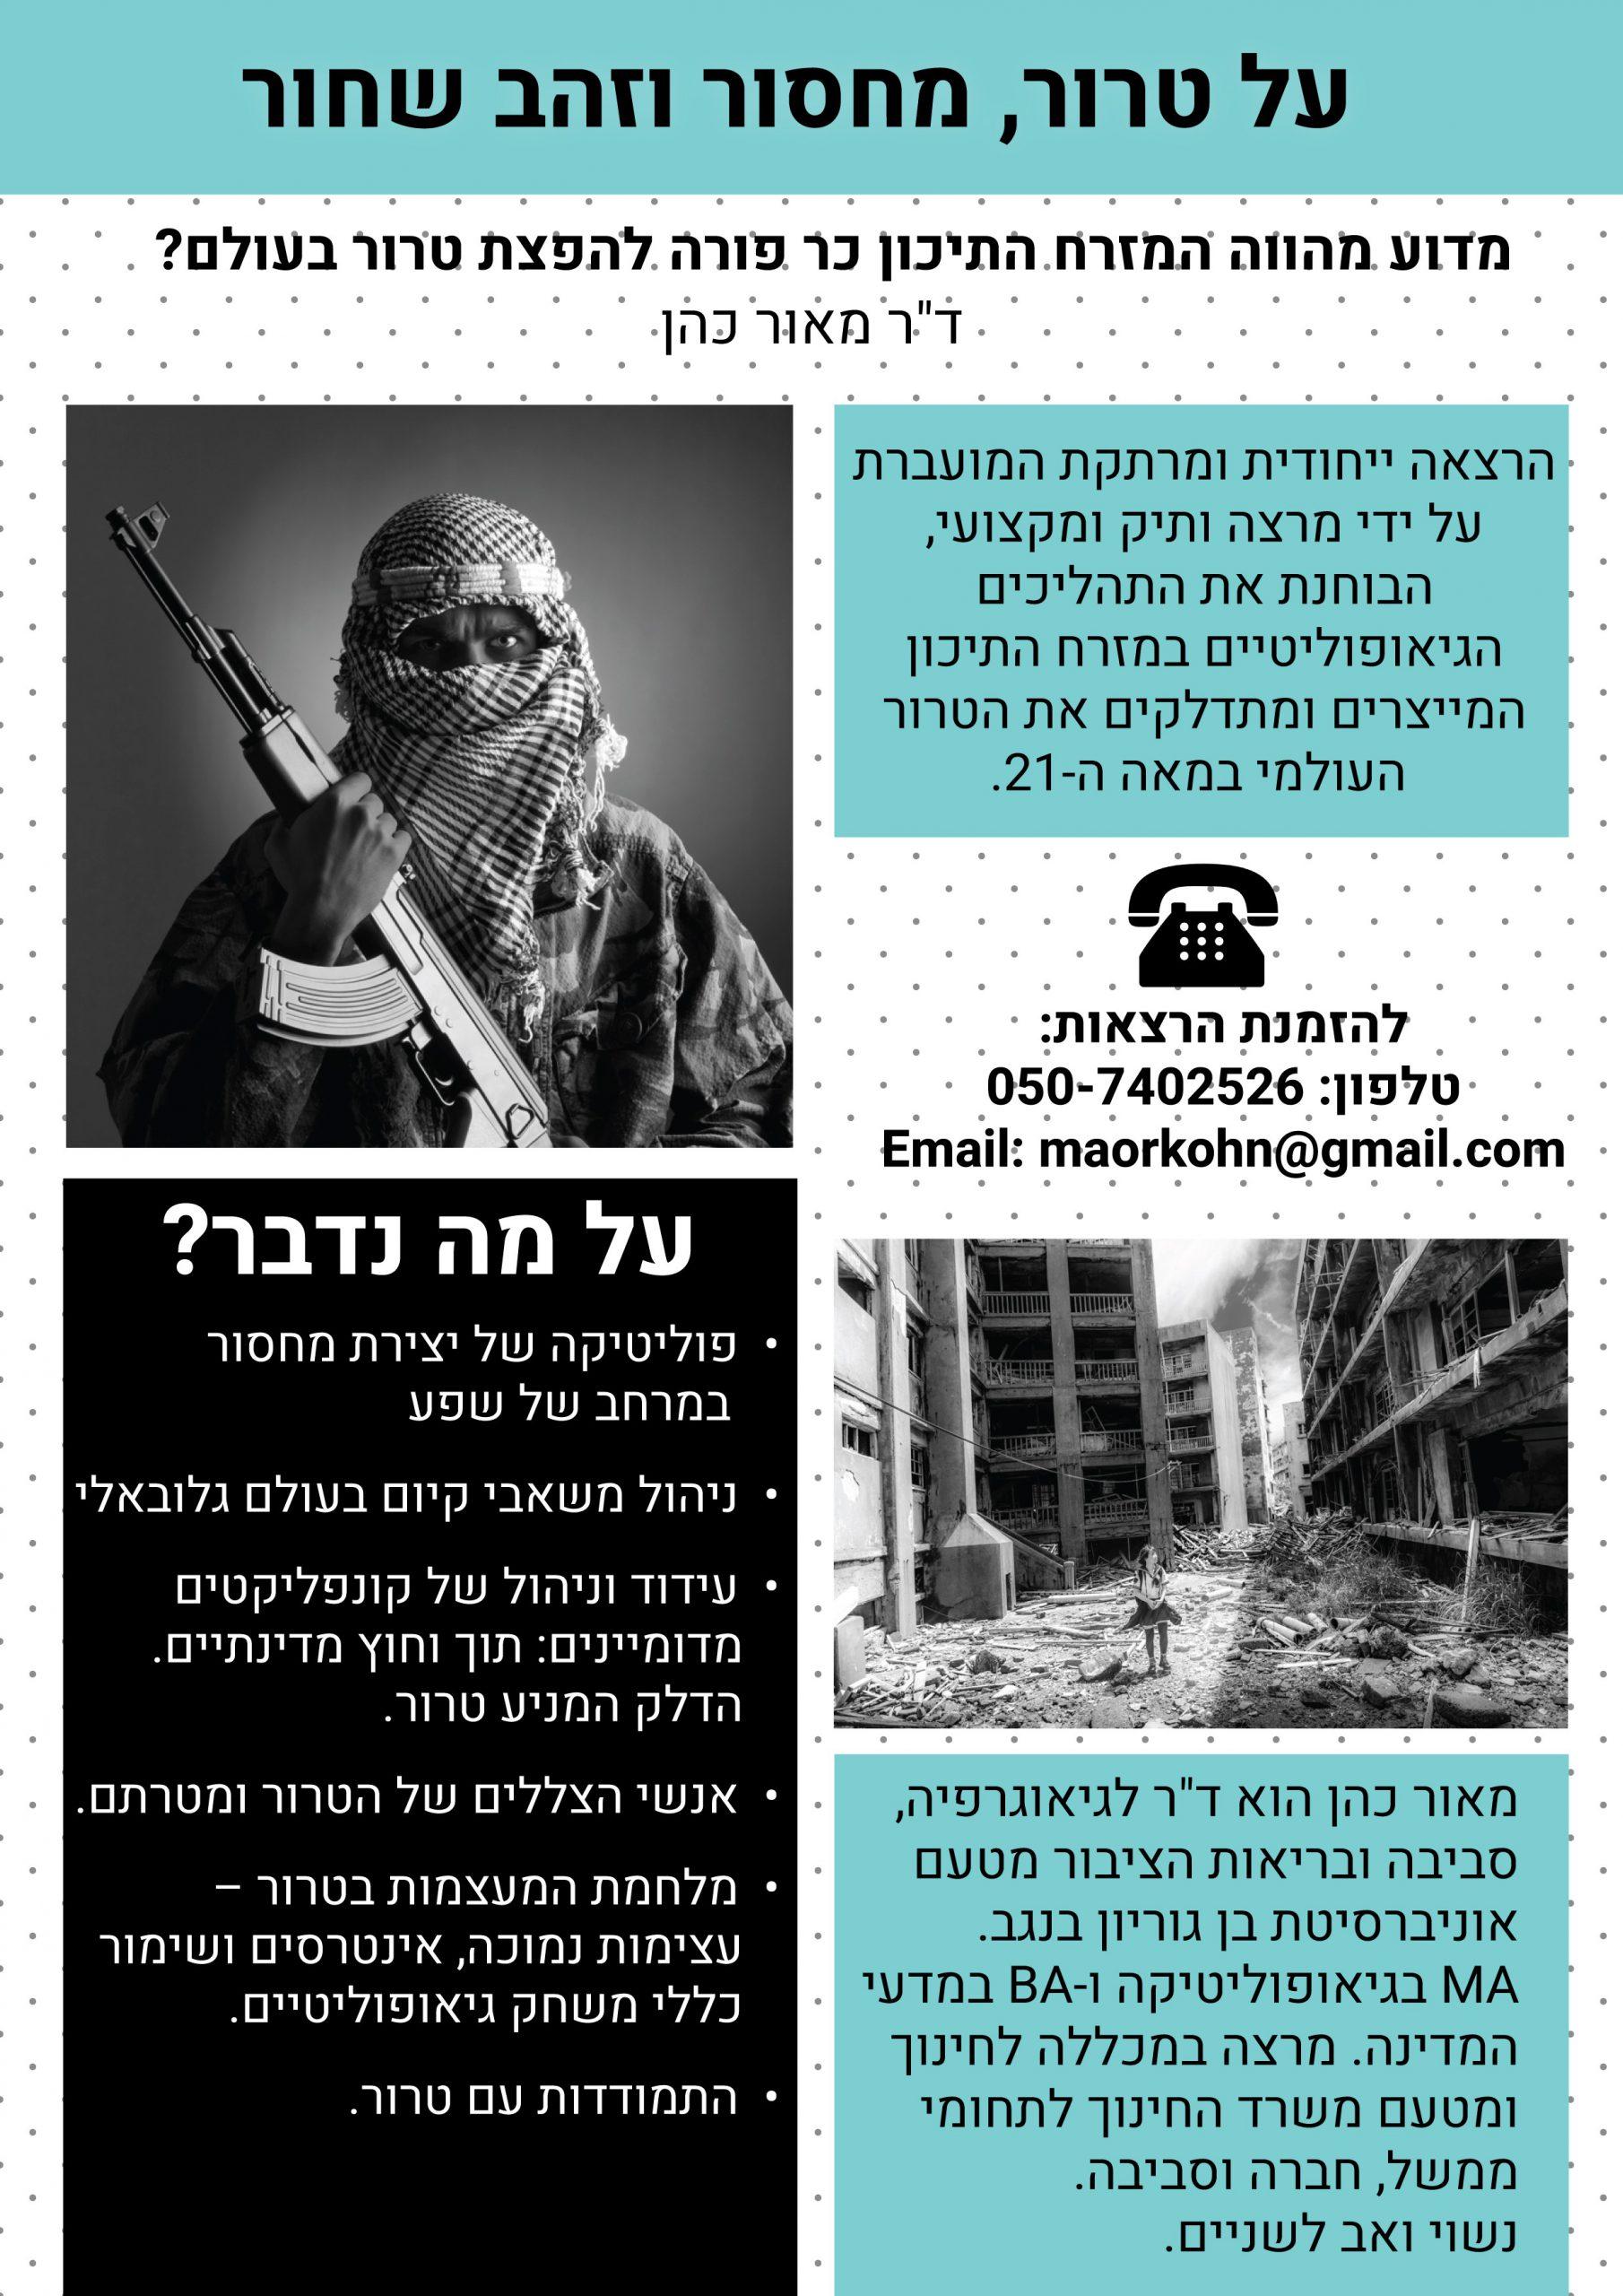 על טרור, מחסור וזהב שחור - דר מאור כהן